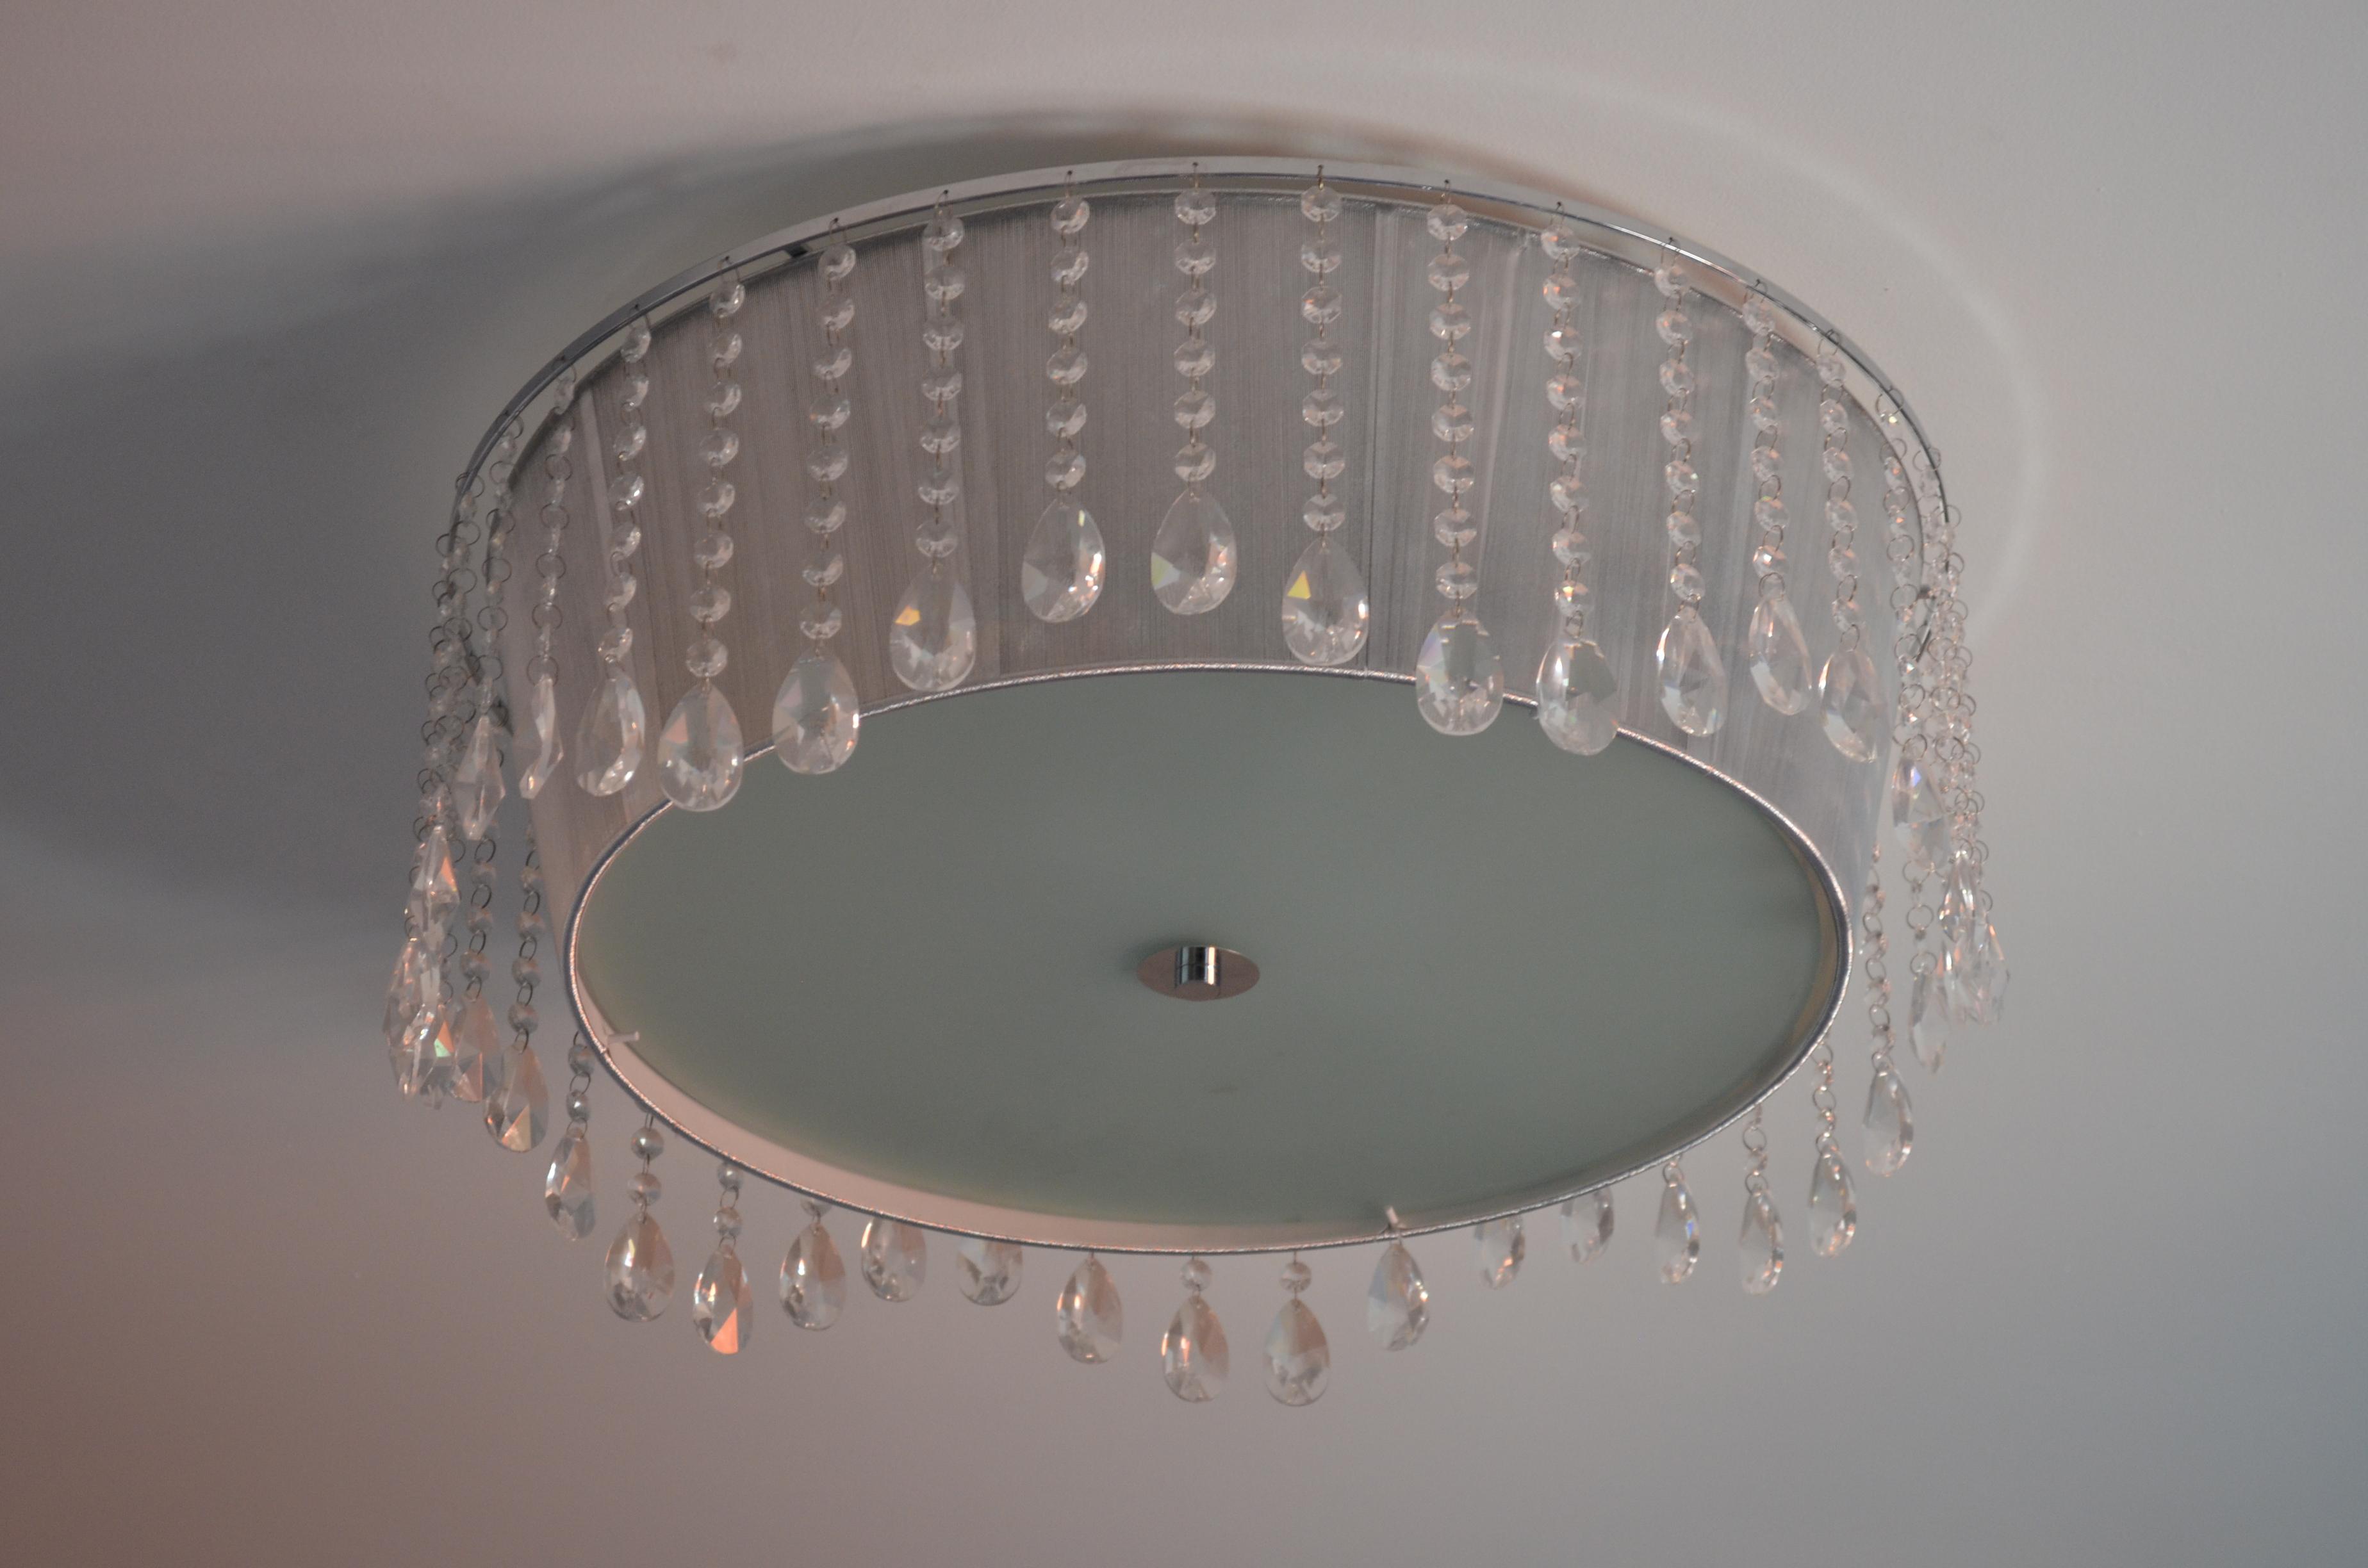 lustre grande no quarto pequeno de casal #615953 3696 2448